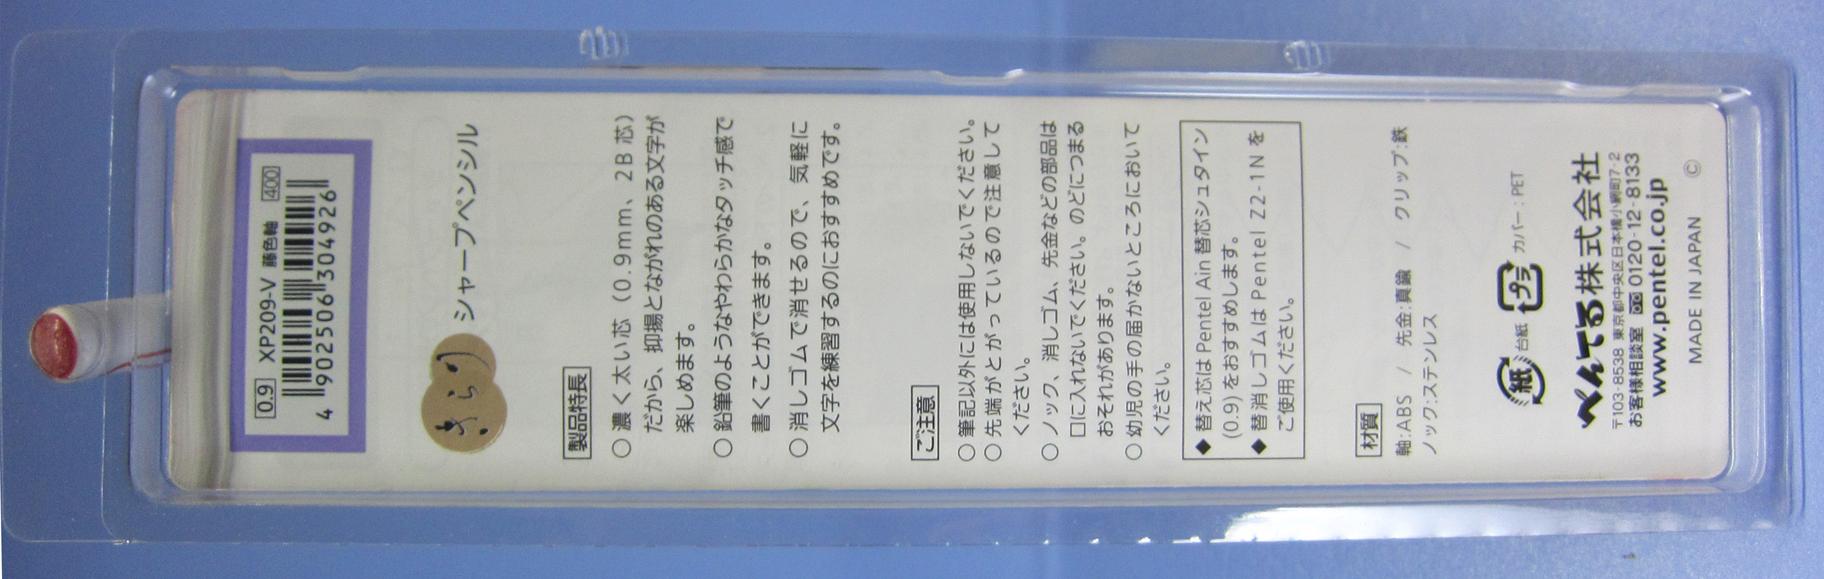 XP209-V Rear